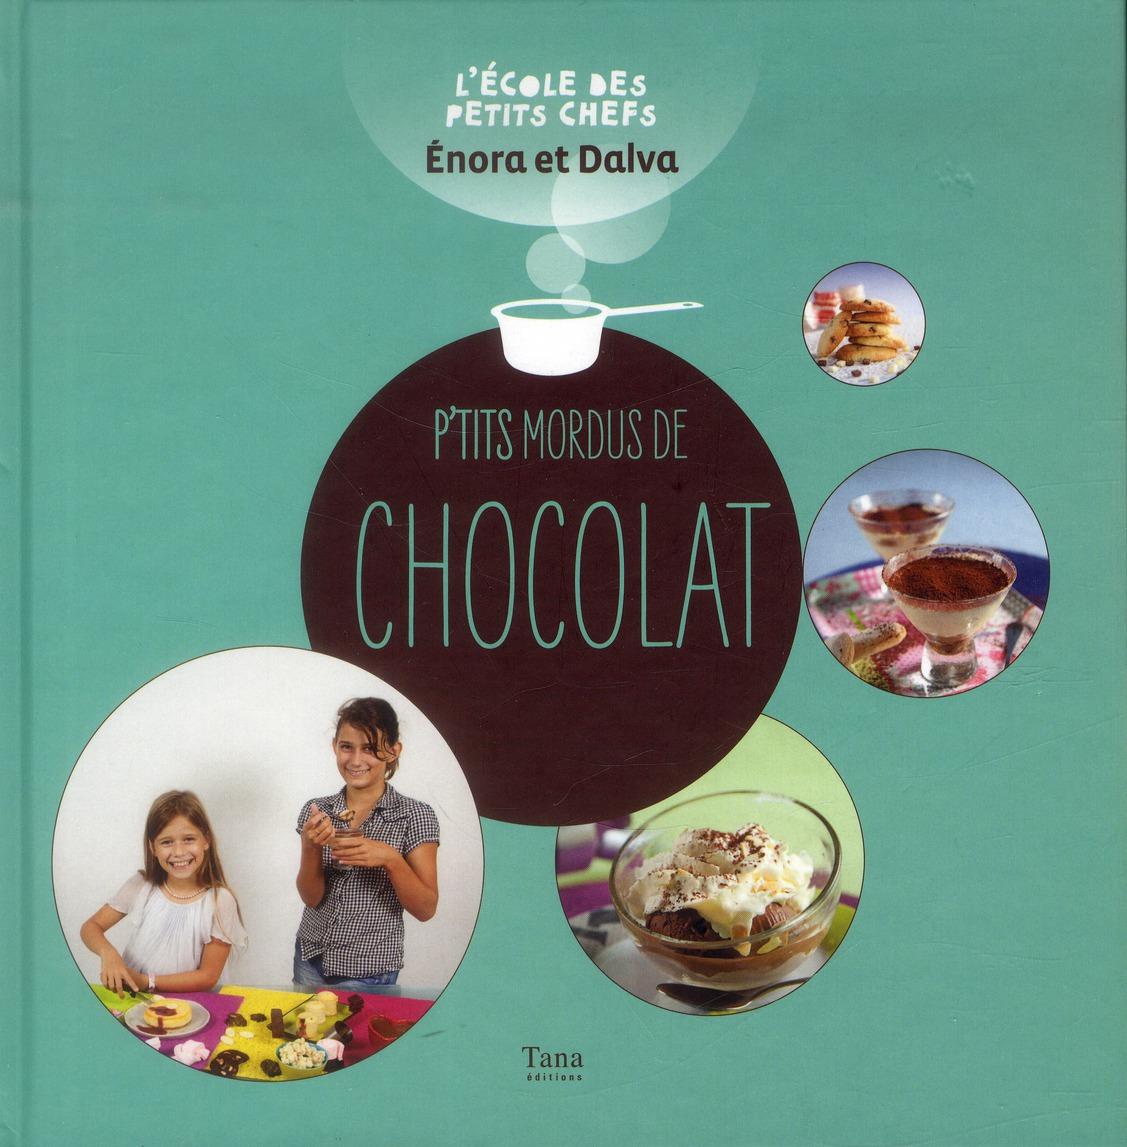 P'TITS MORDUS DE CHOCOLAT